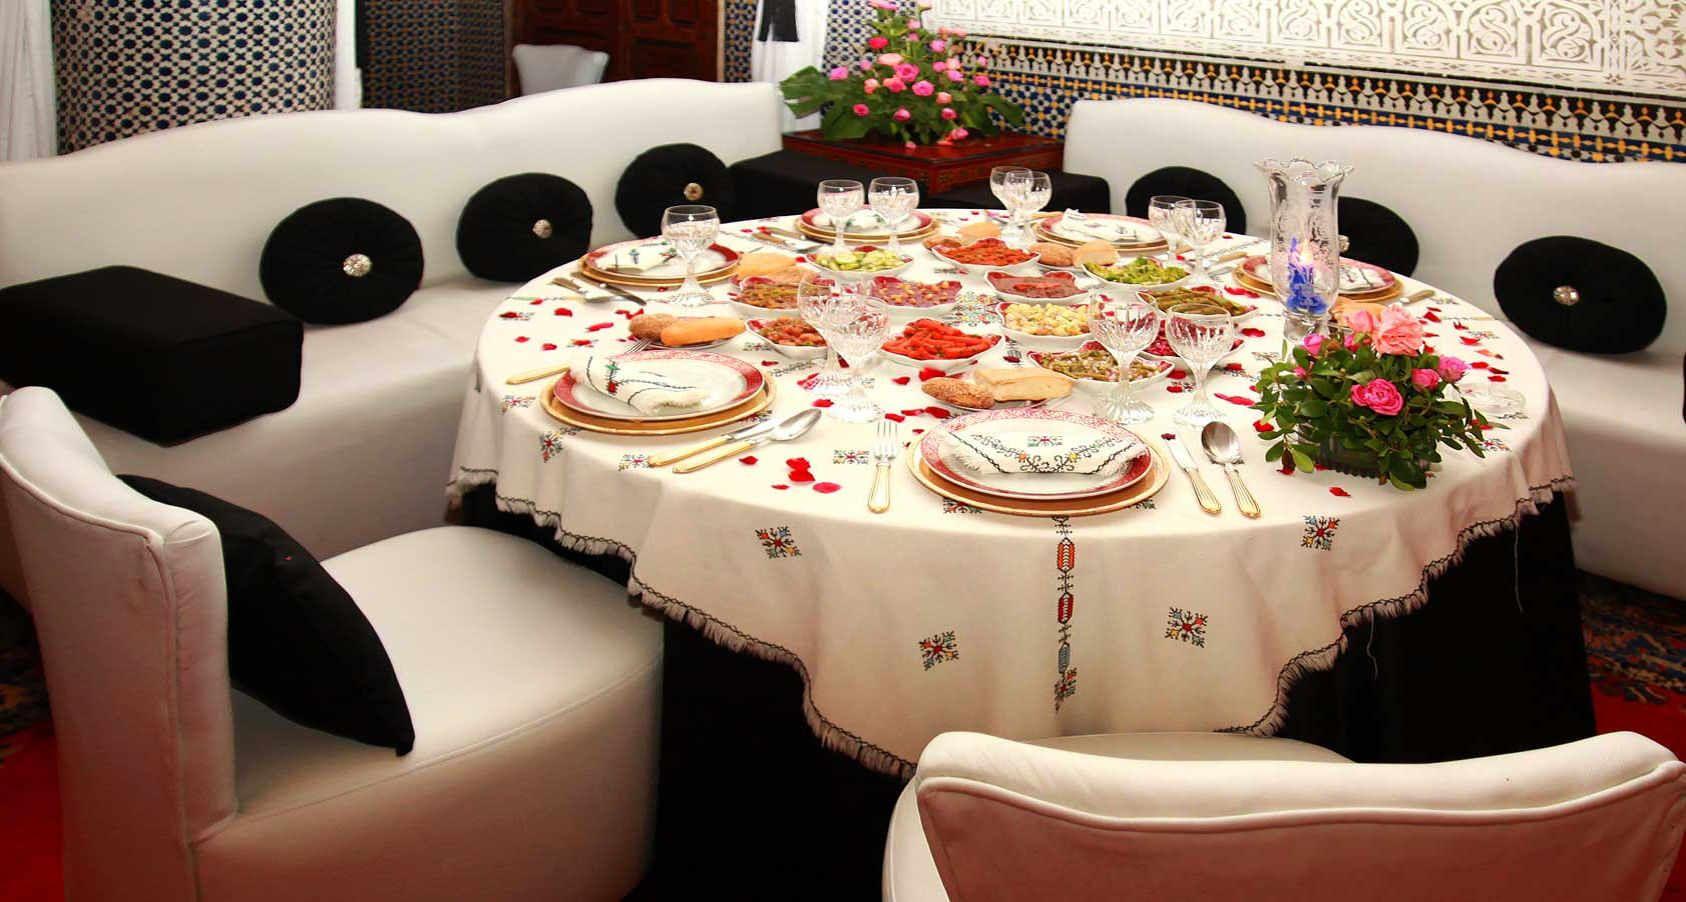 Galerie Photos Du Restaurant Gastronomique Stylia A Marrakech Food Recipes Flavors